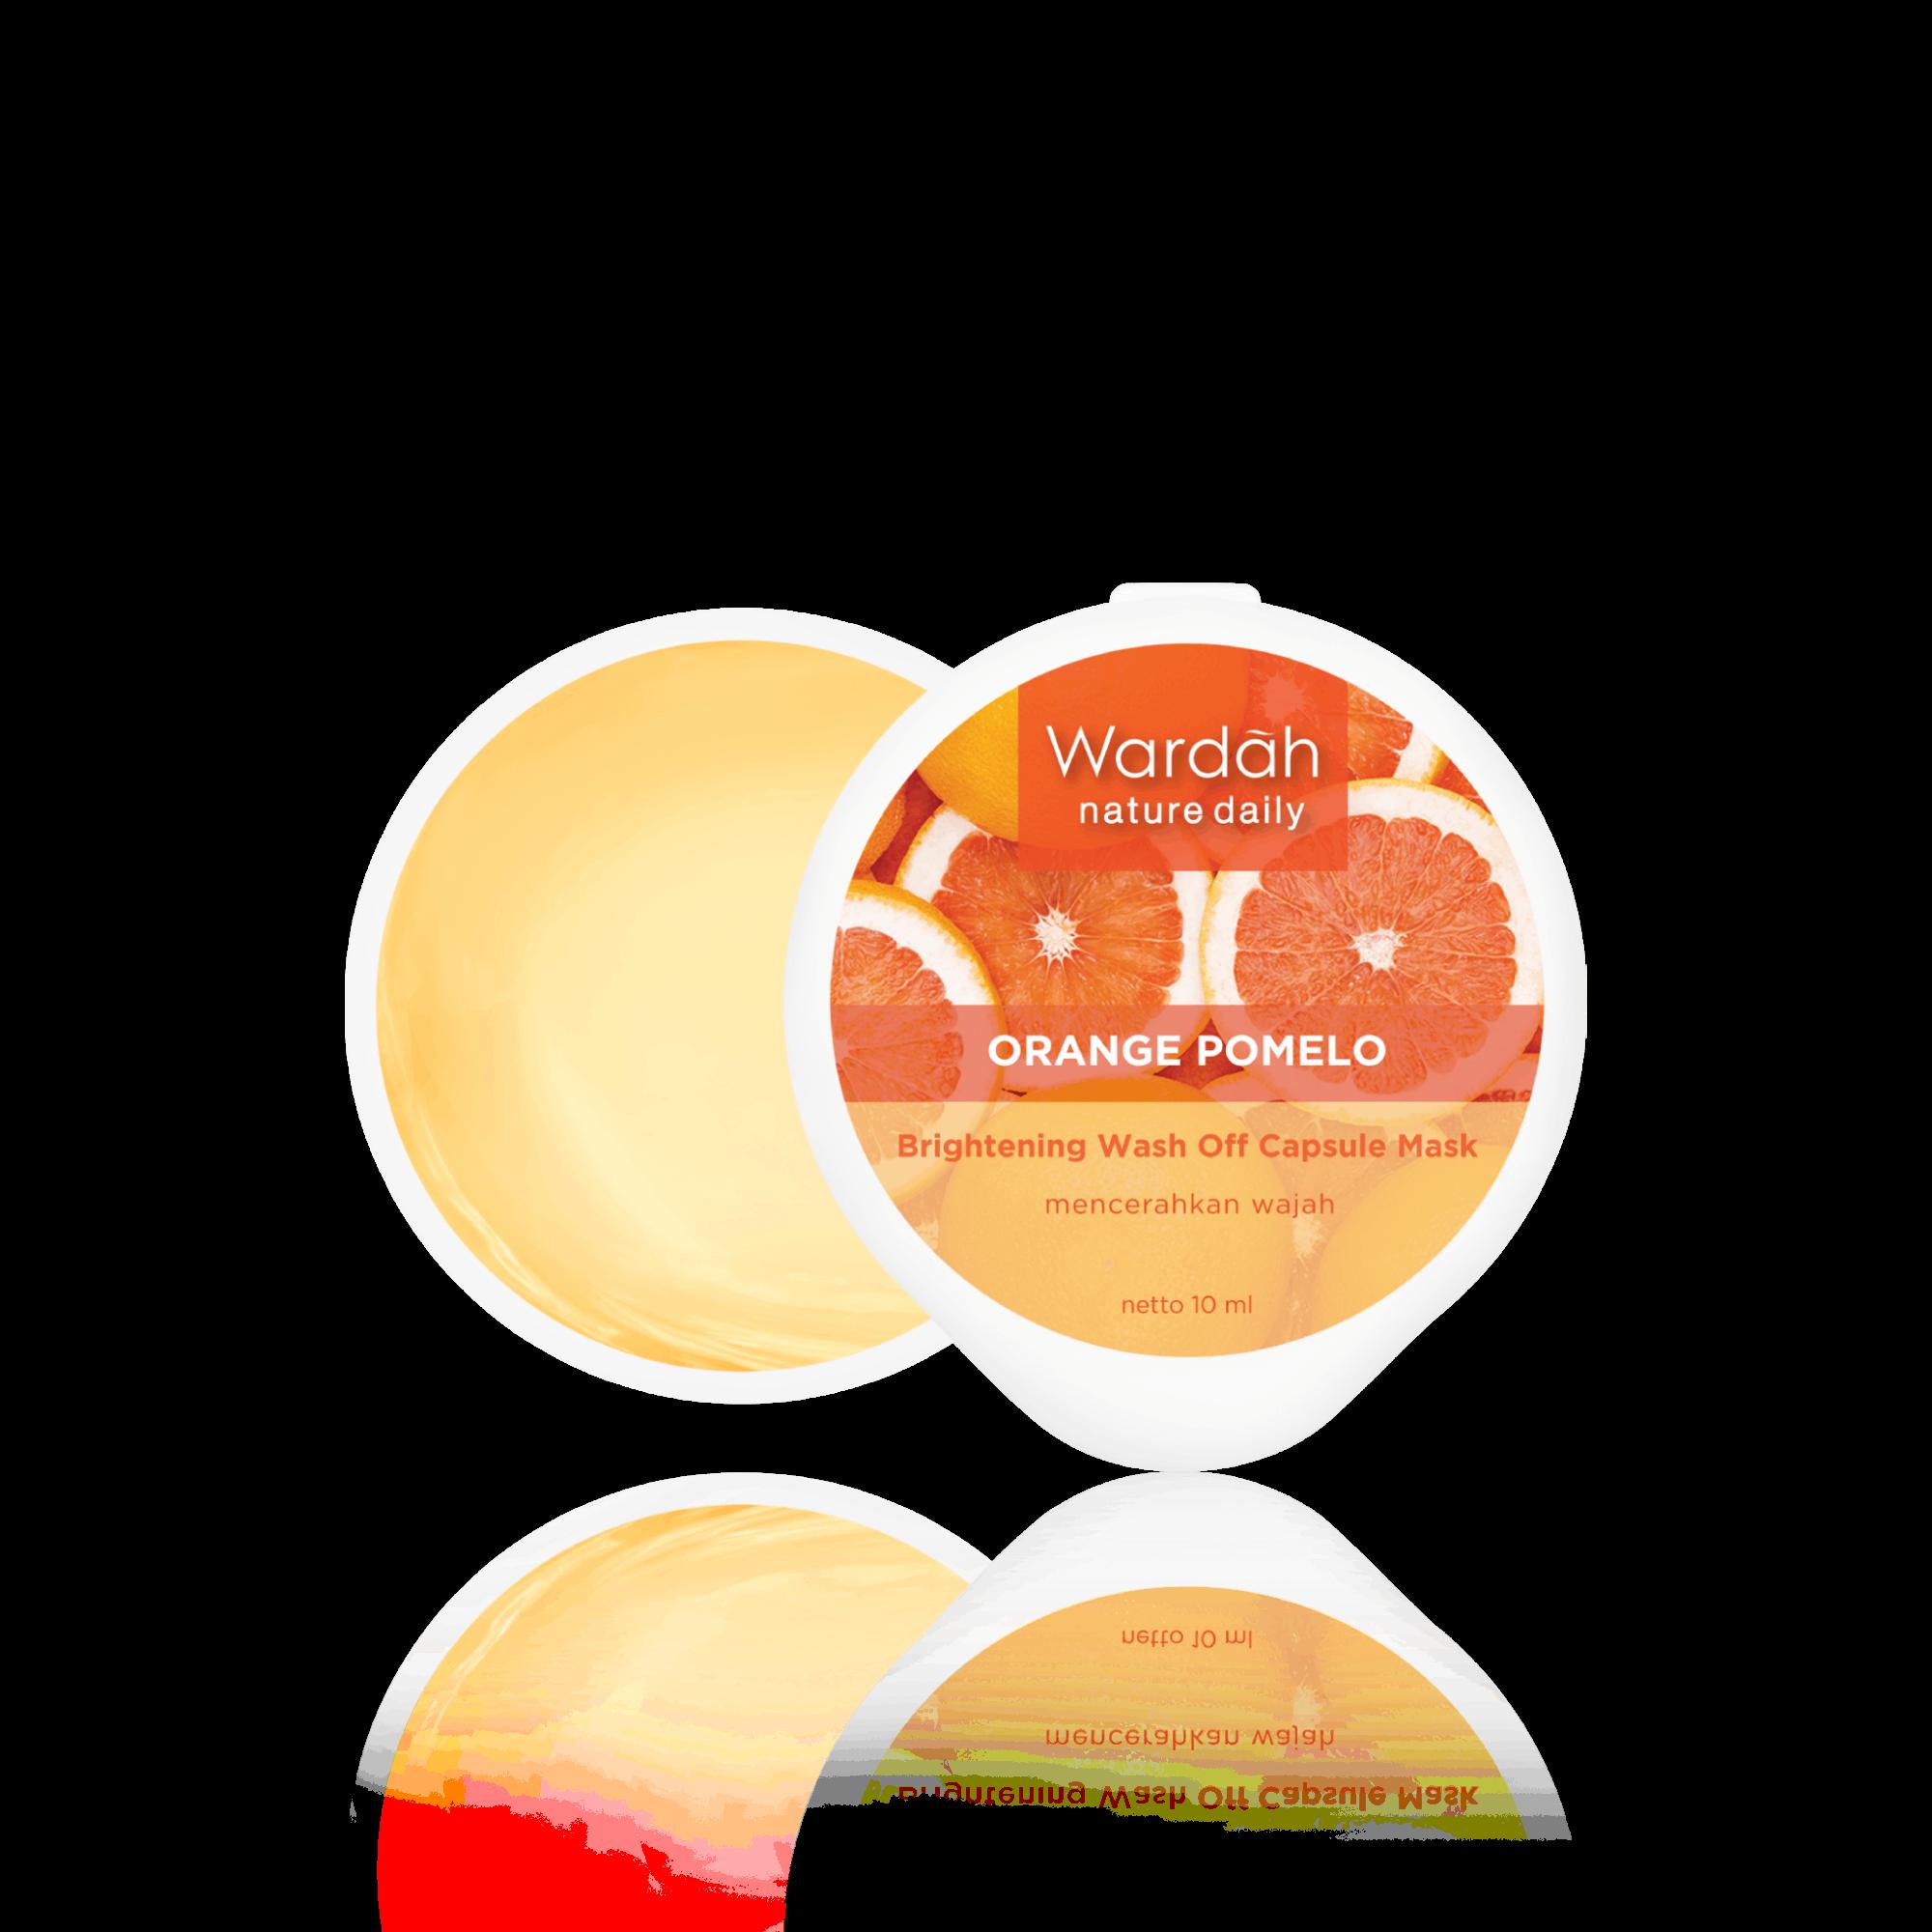 Orange Pomelo